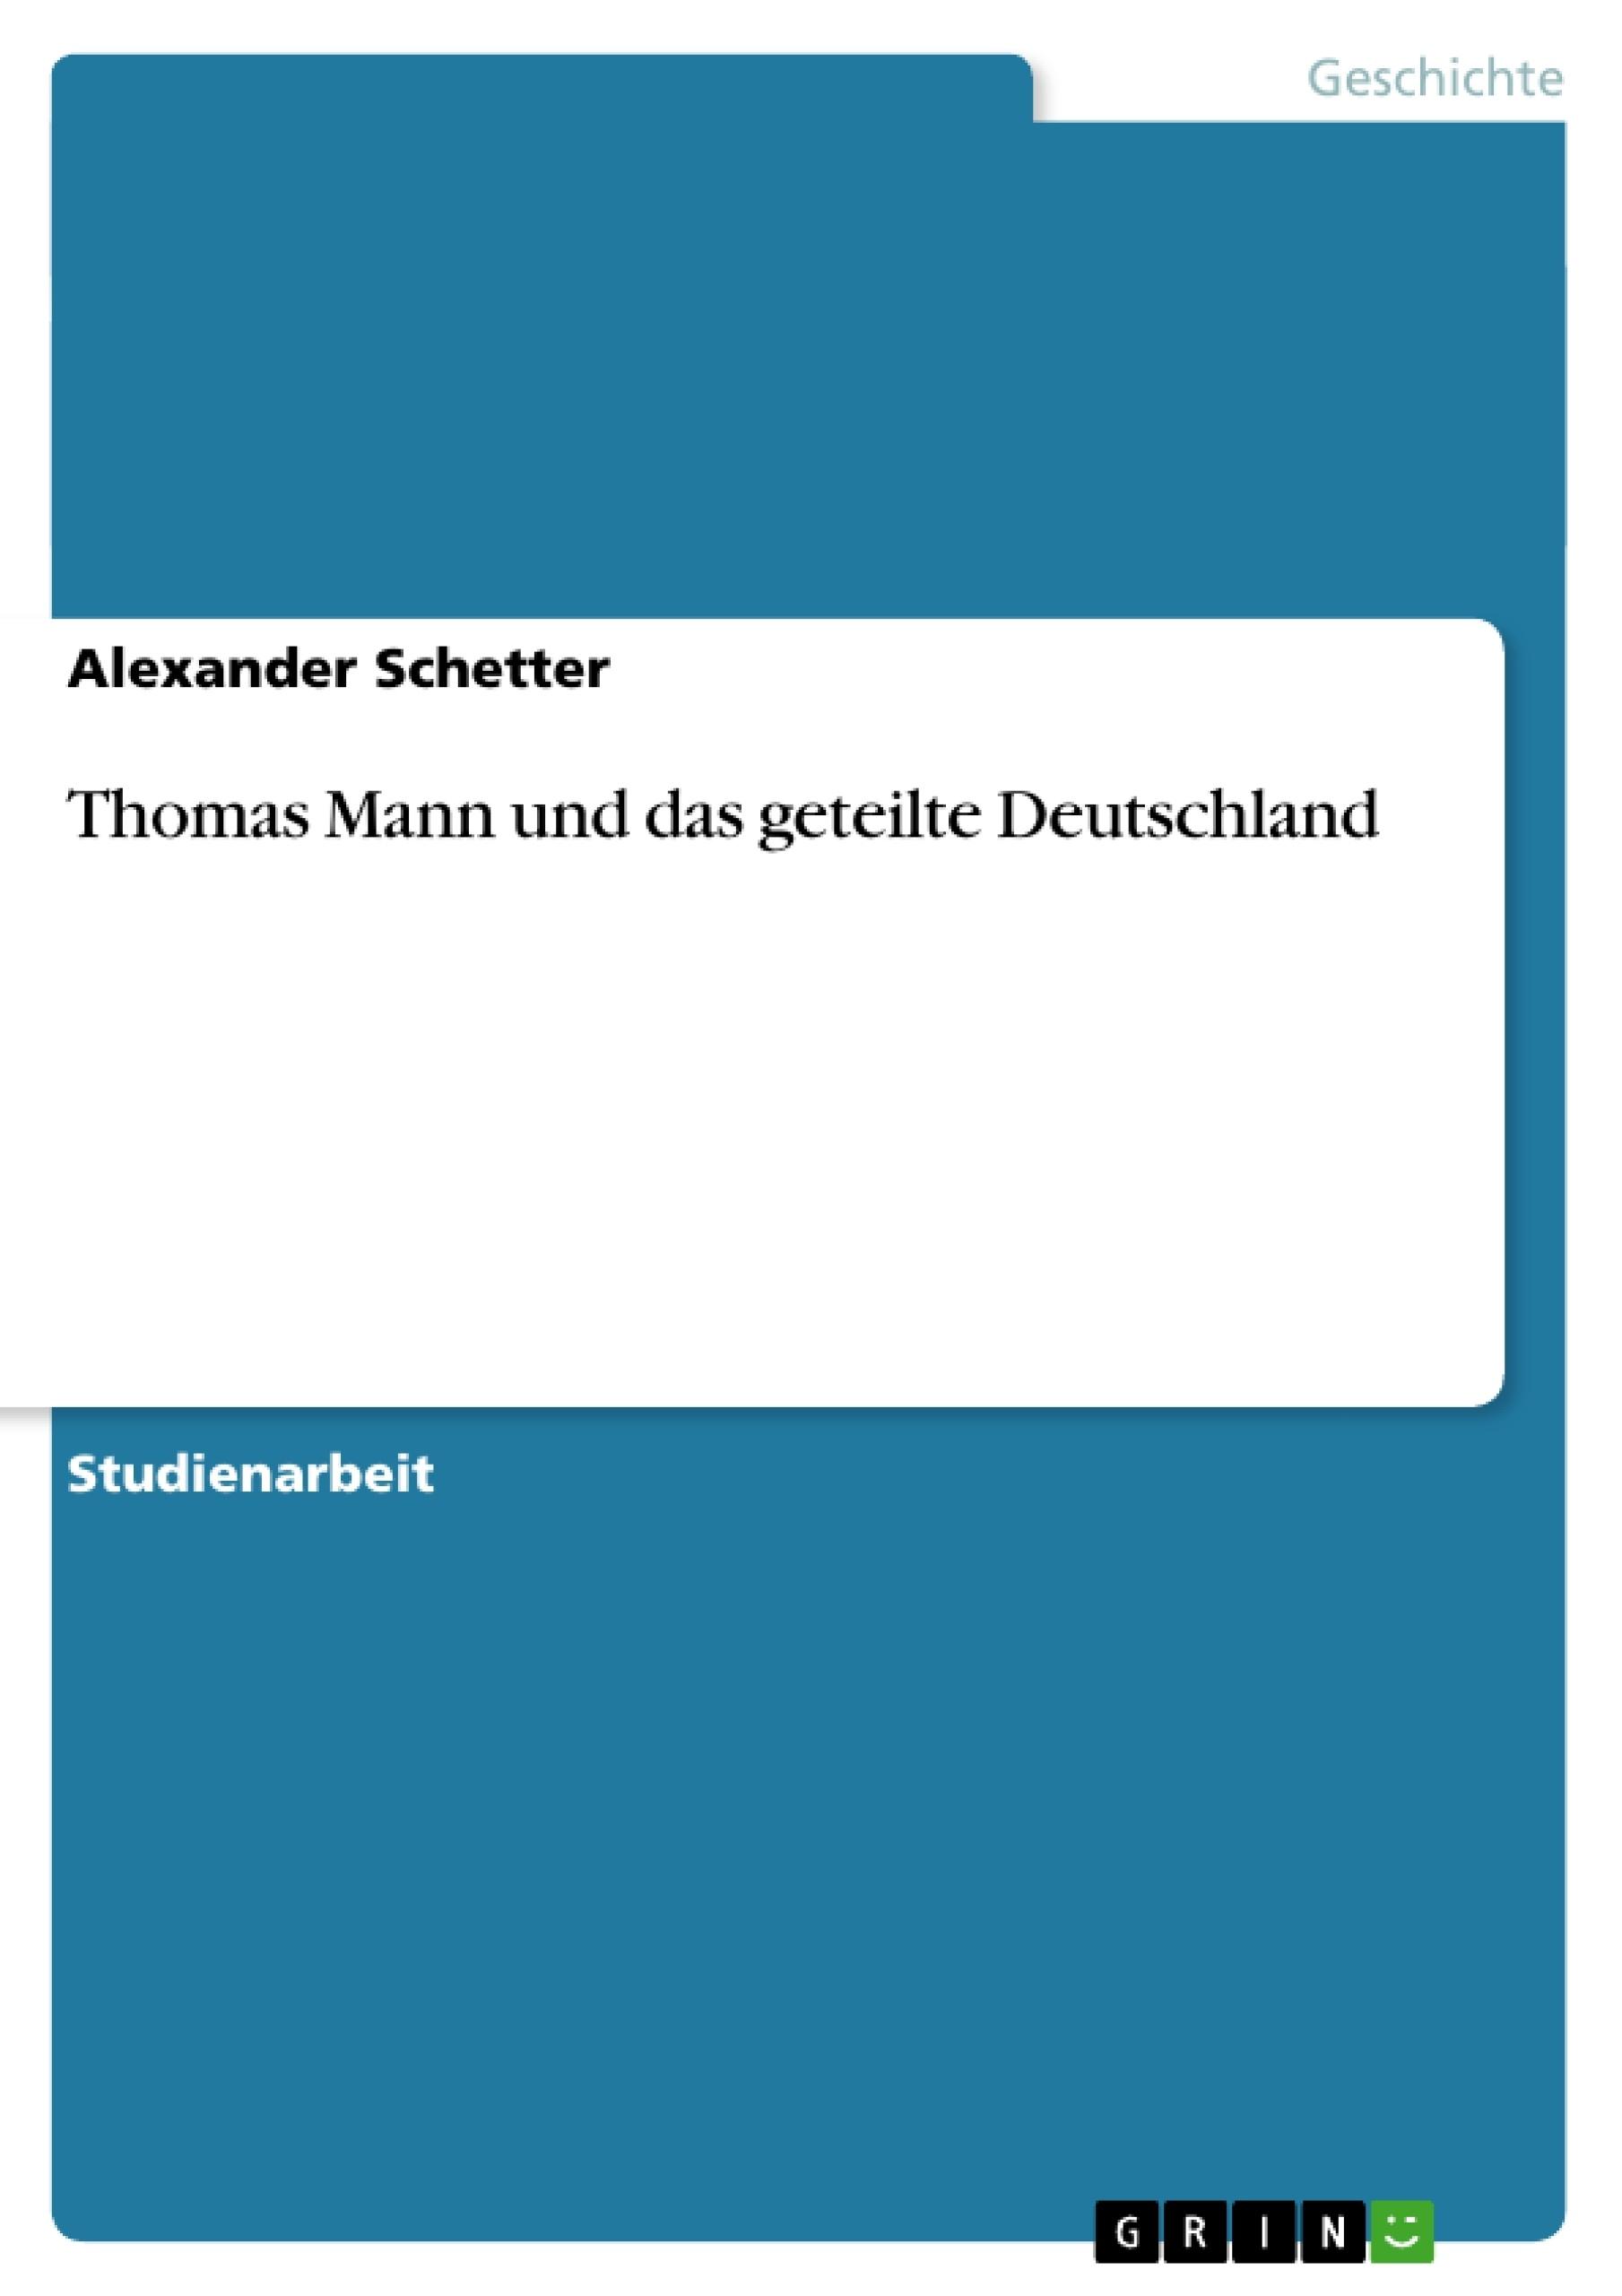 Titel:  Thomas Mann und das geteilte Deutschland